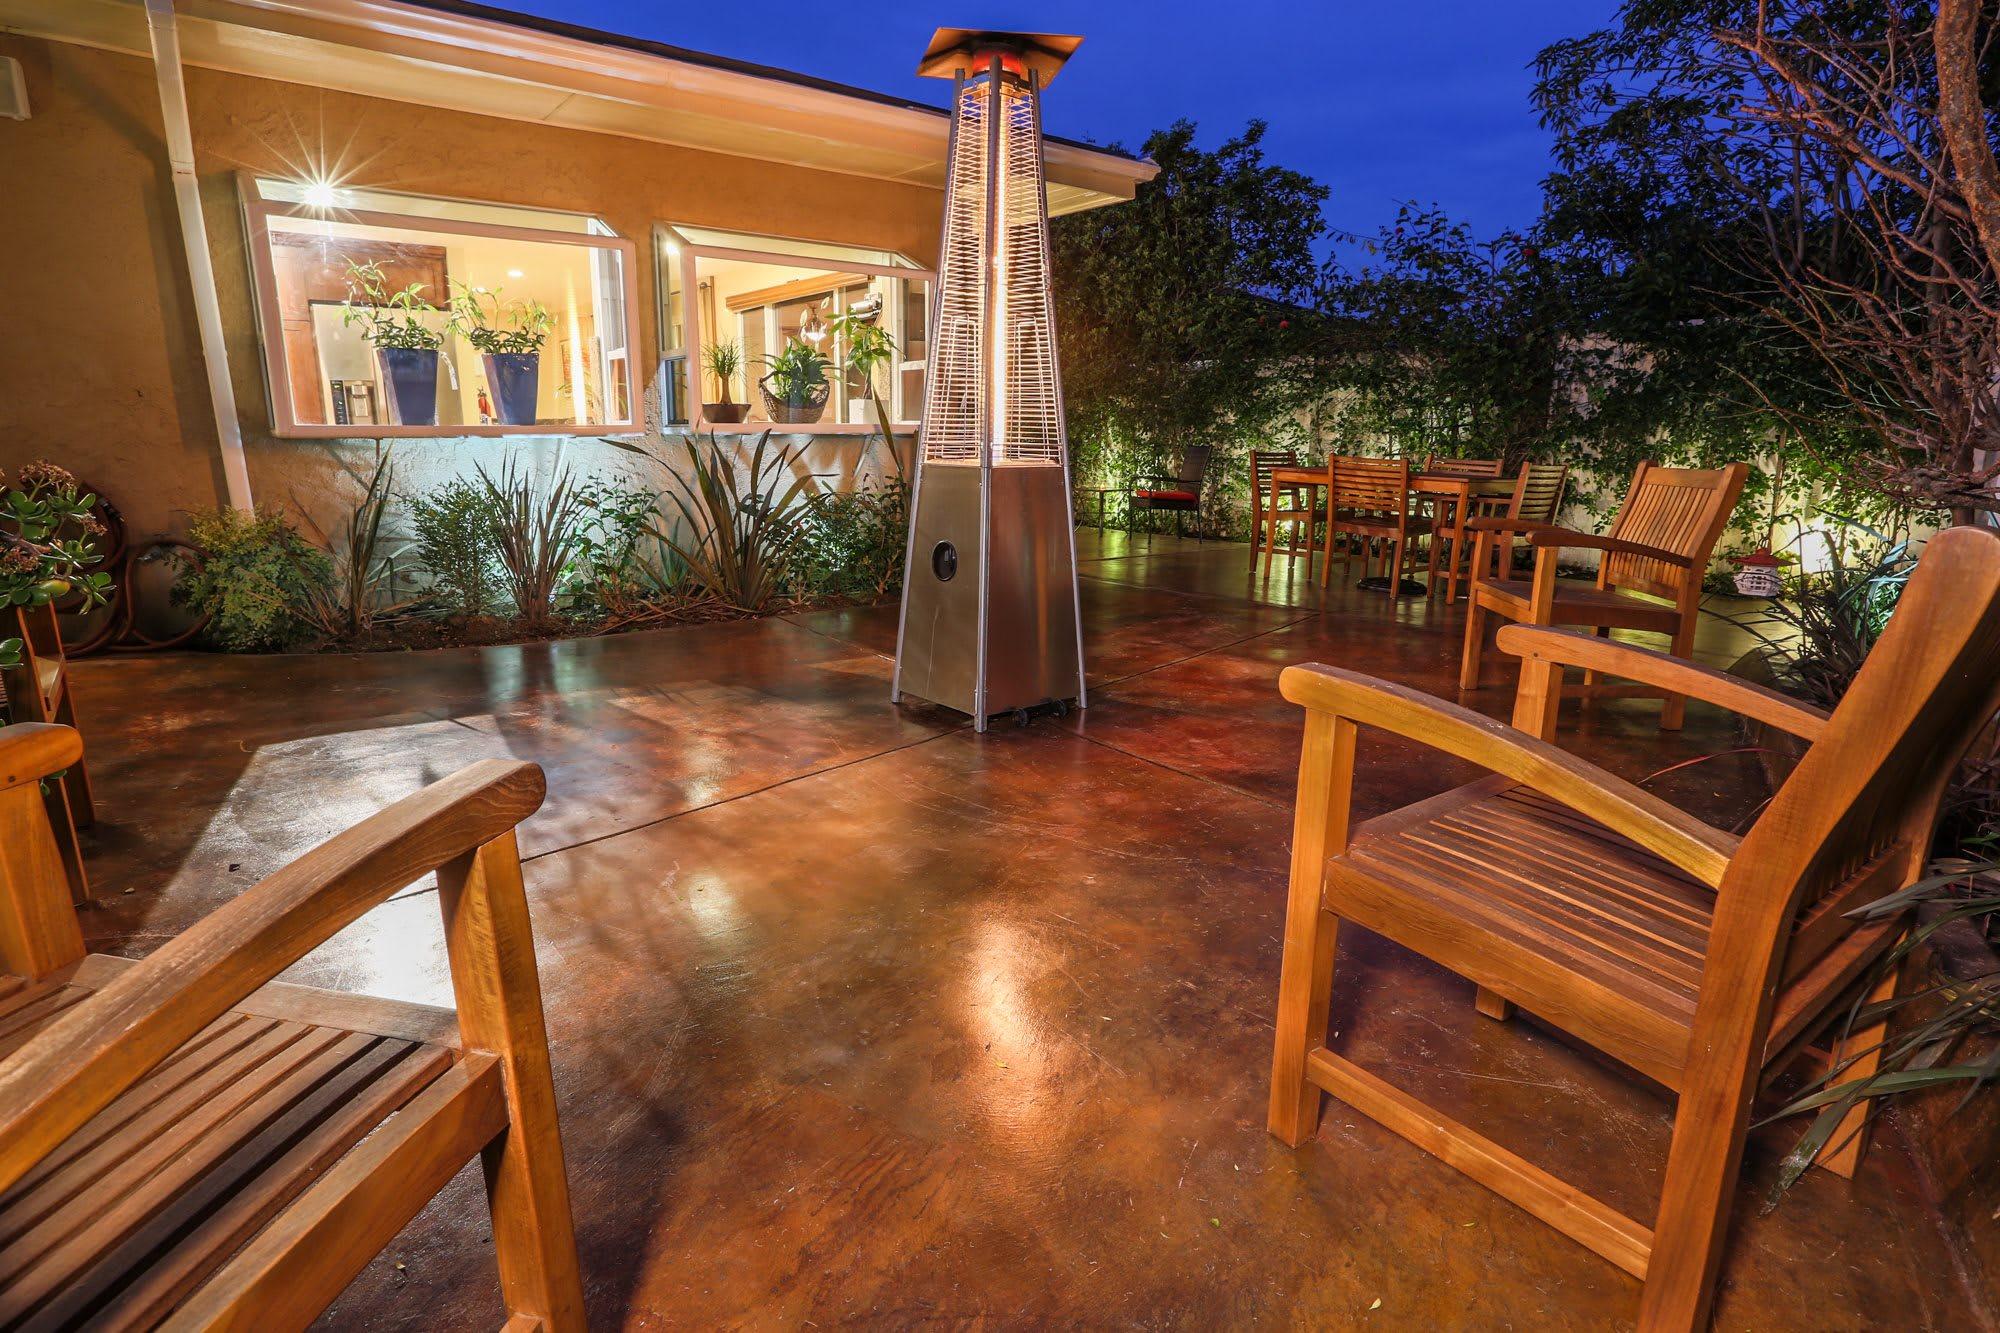 Photo 1 of Casa Del Sol